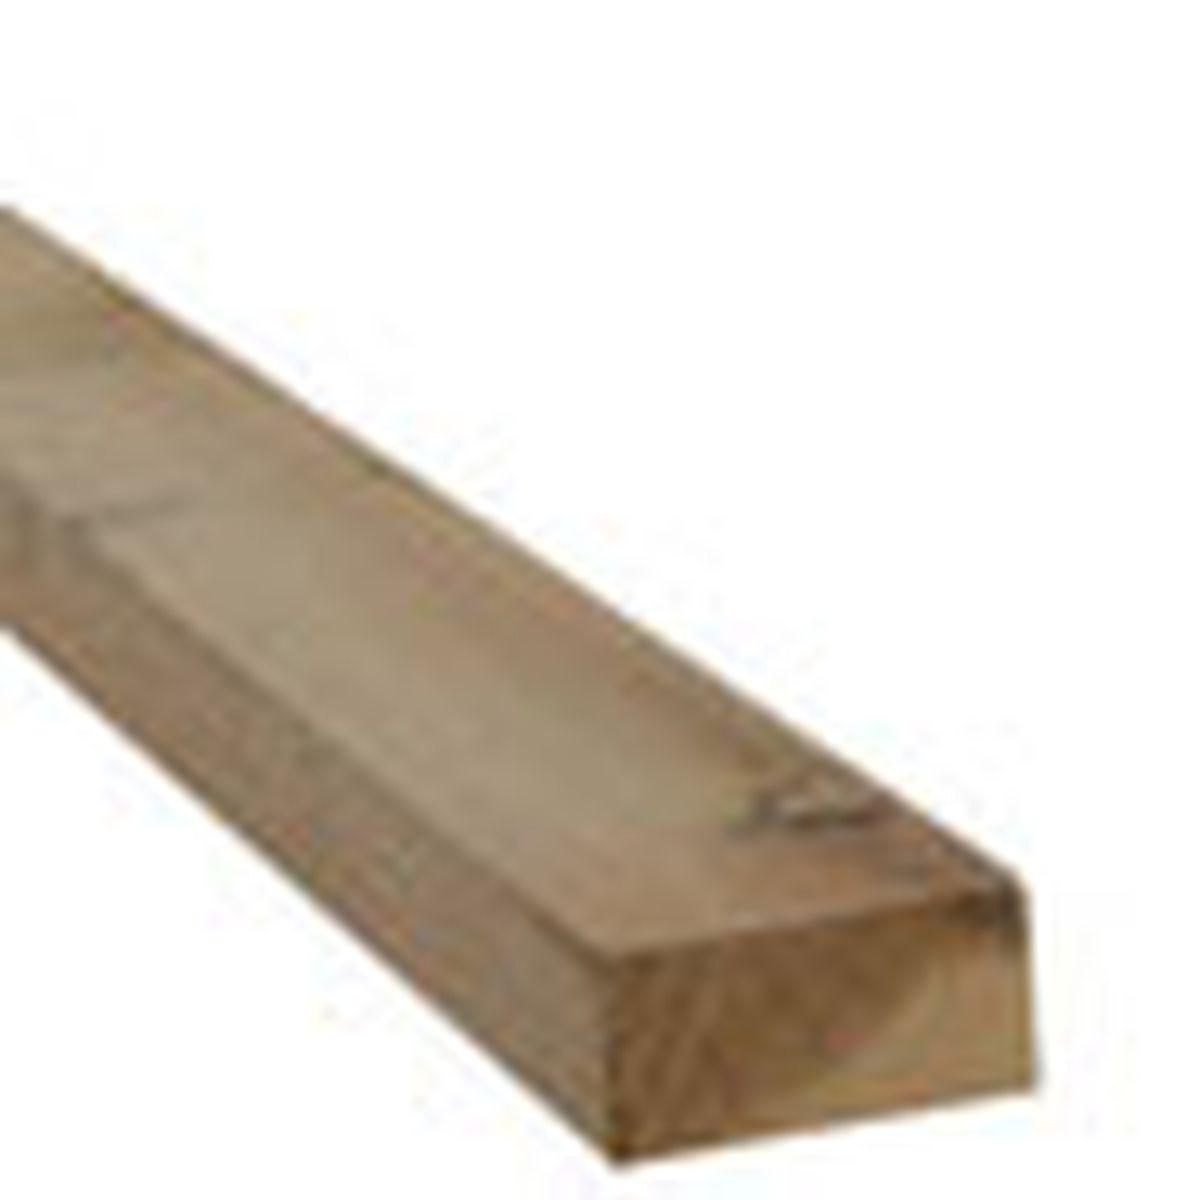 2x4 Lumber